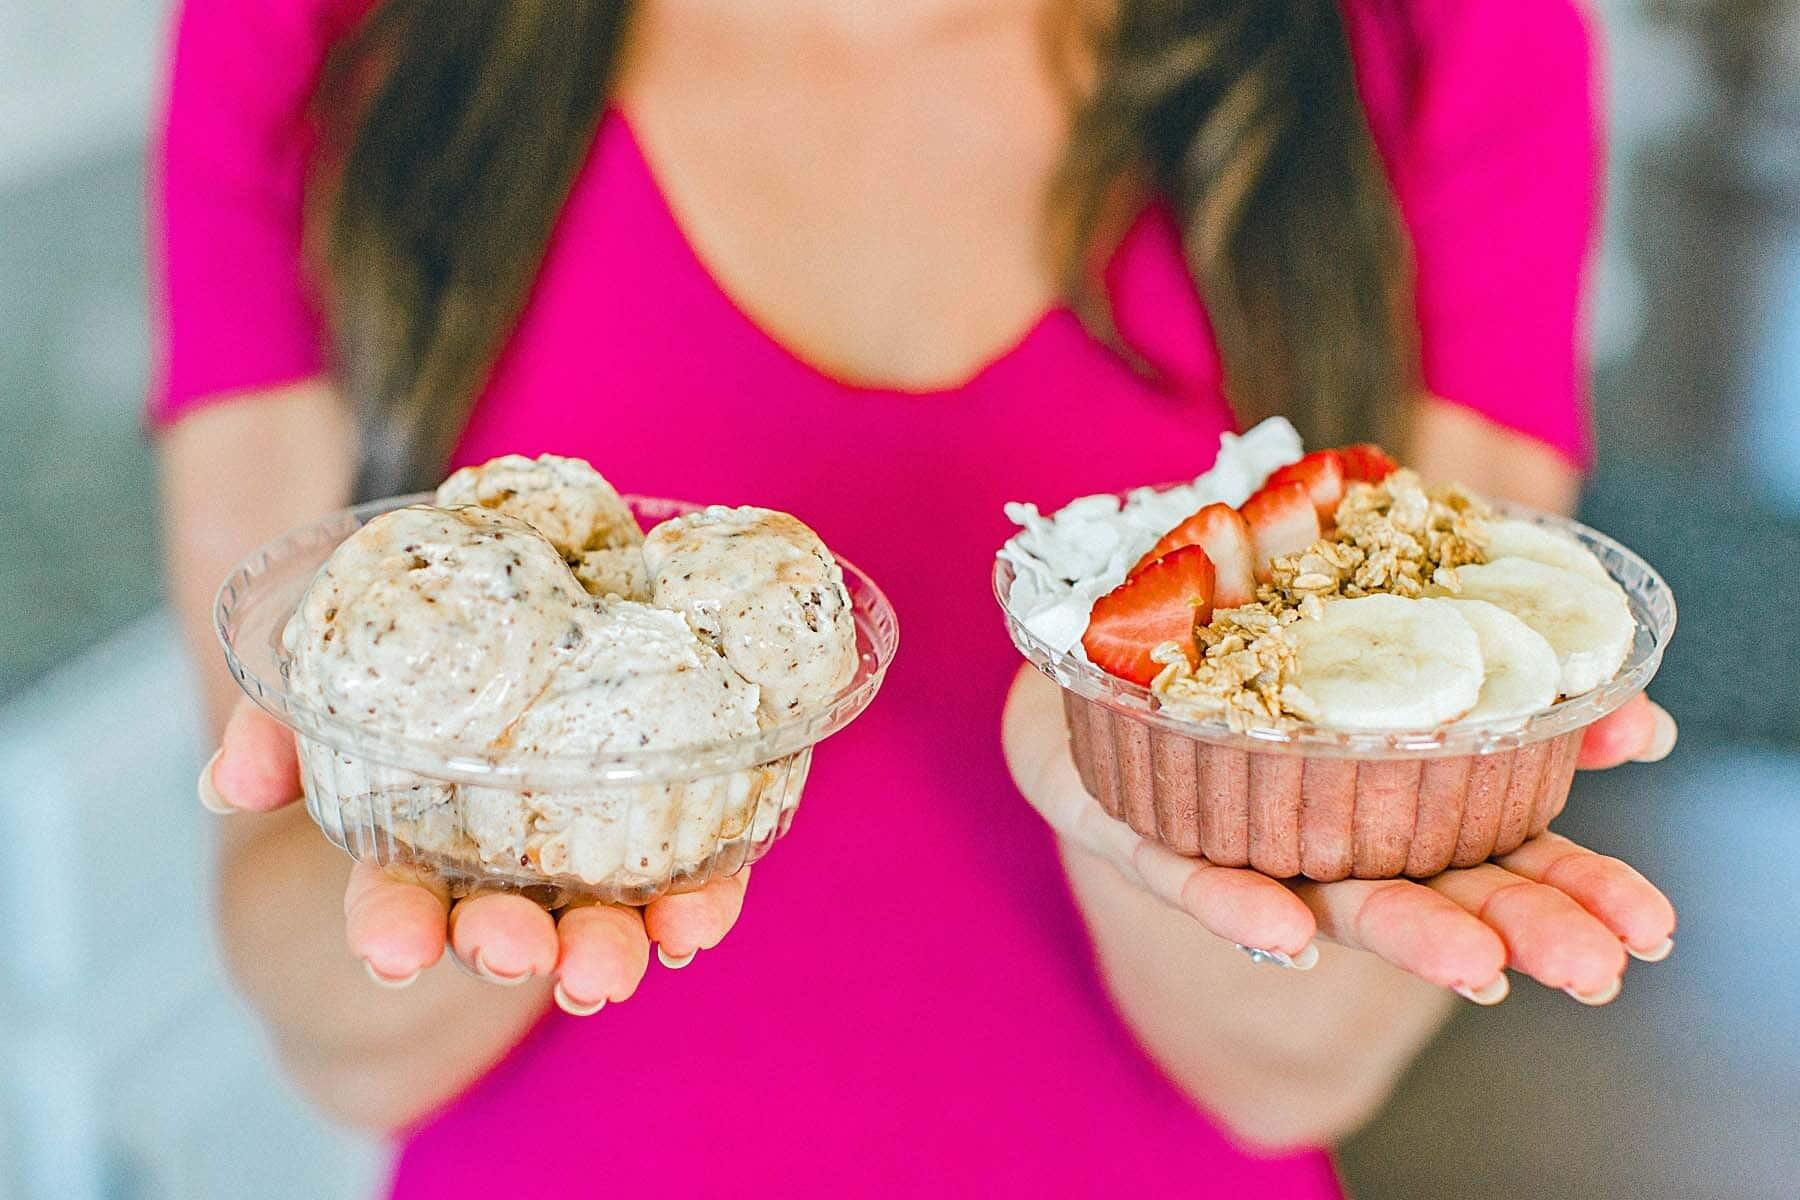 3 Reasons to Beware of Healthy Food Swaps